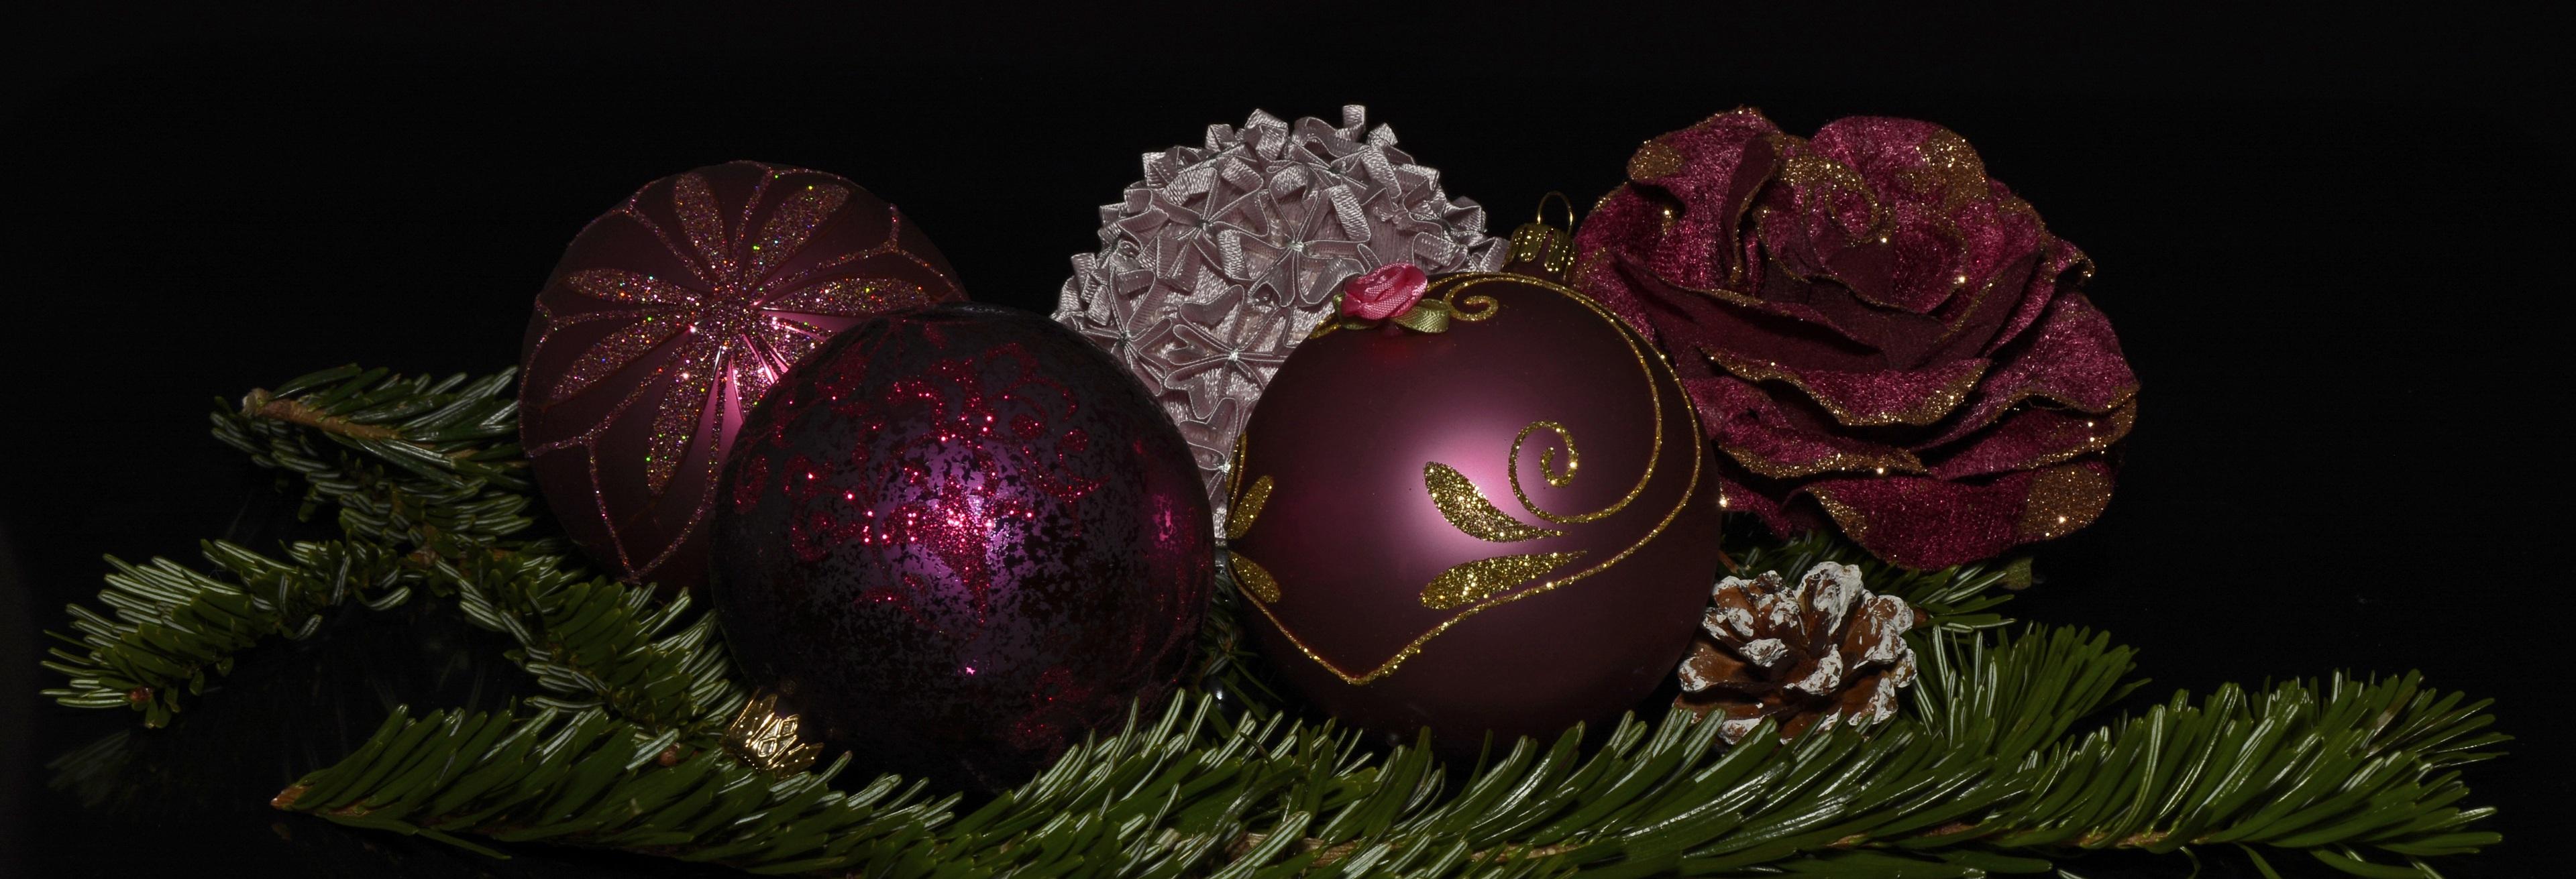 15130 christmas balls 1830358